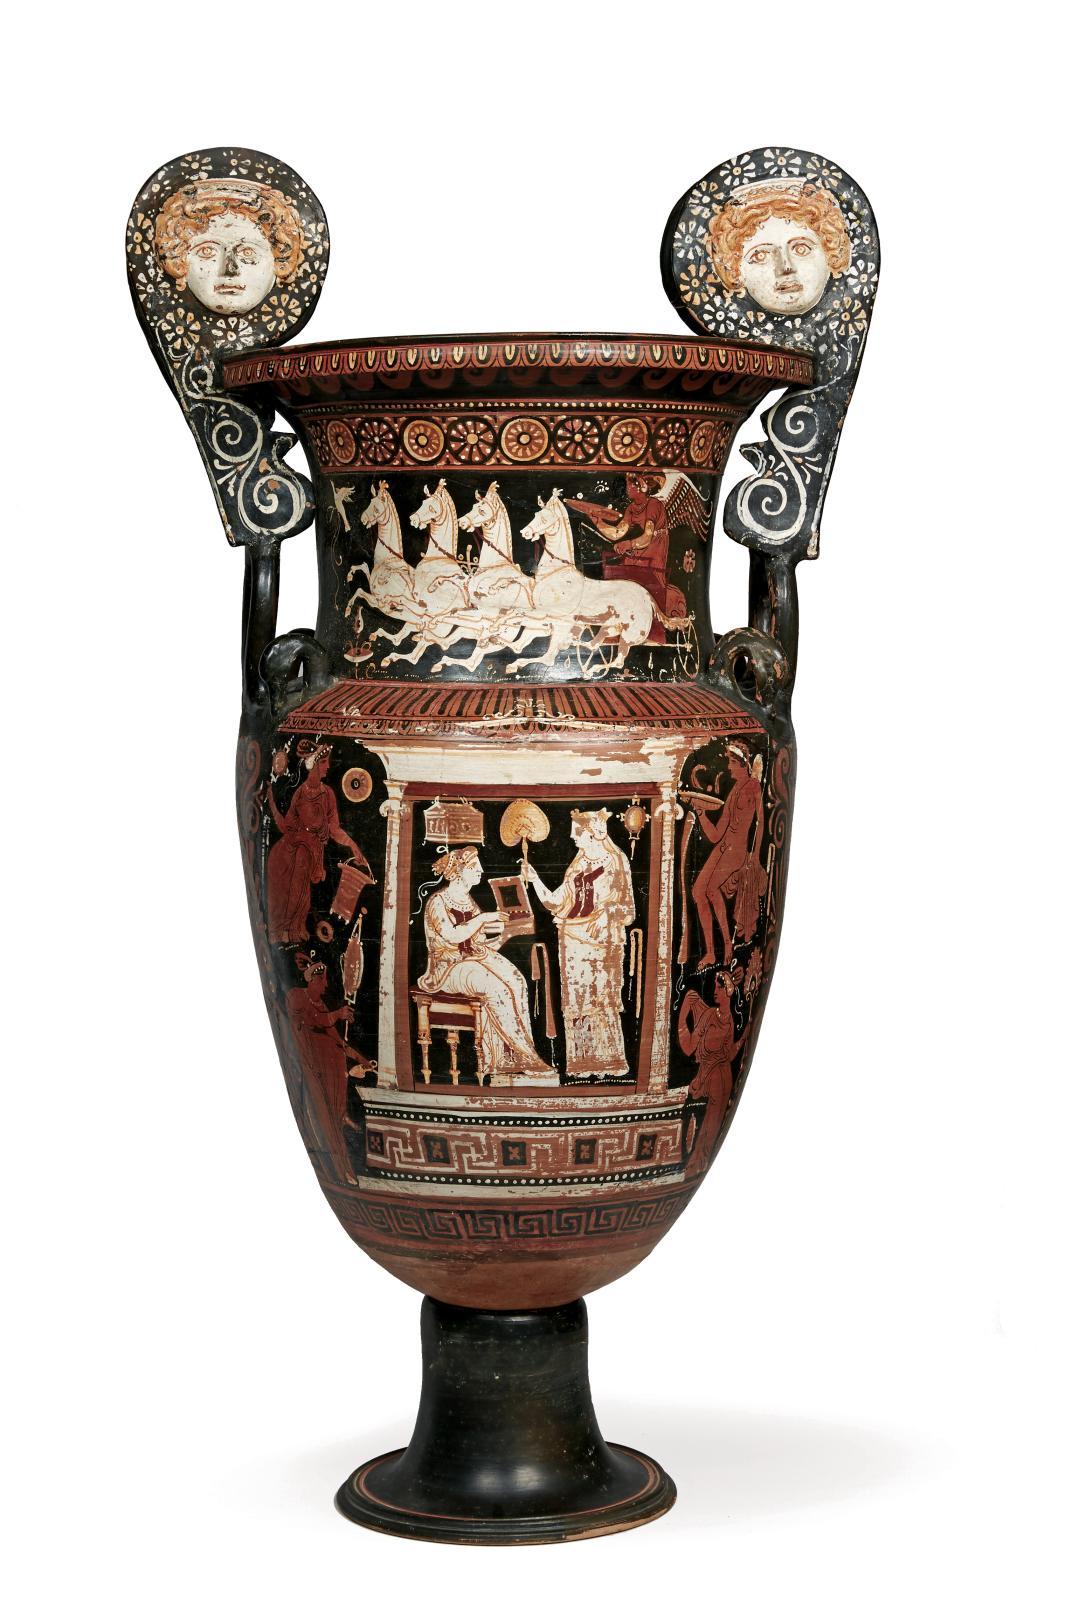 Grande-Grèce, Apulie, IVesiècleav.J.-C., attribuée au Peintre du Sakkos blanc. Paire de cratères monumentaux, terre cuite vernissée noir, peinture